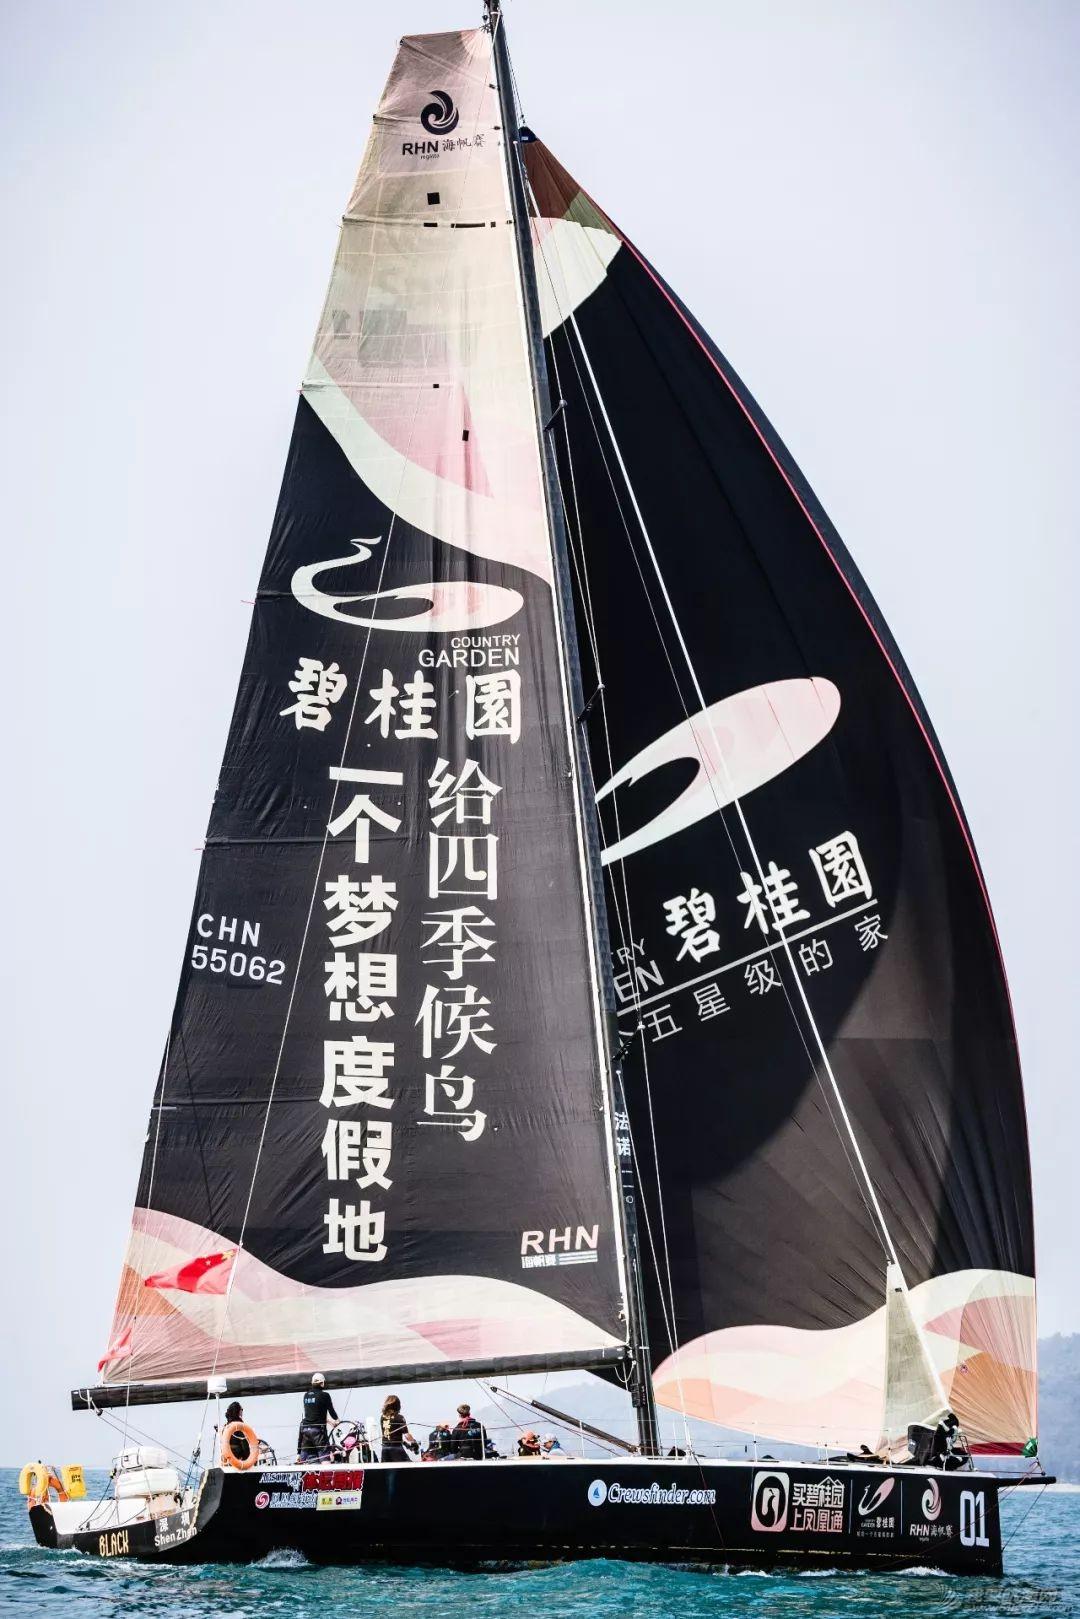 碧桂园凤凰通号亮相——孕妇也疯狂、长发的水手、五种语言国际联队